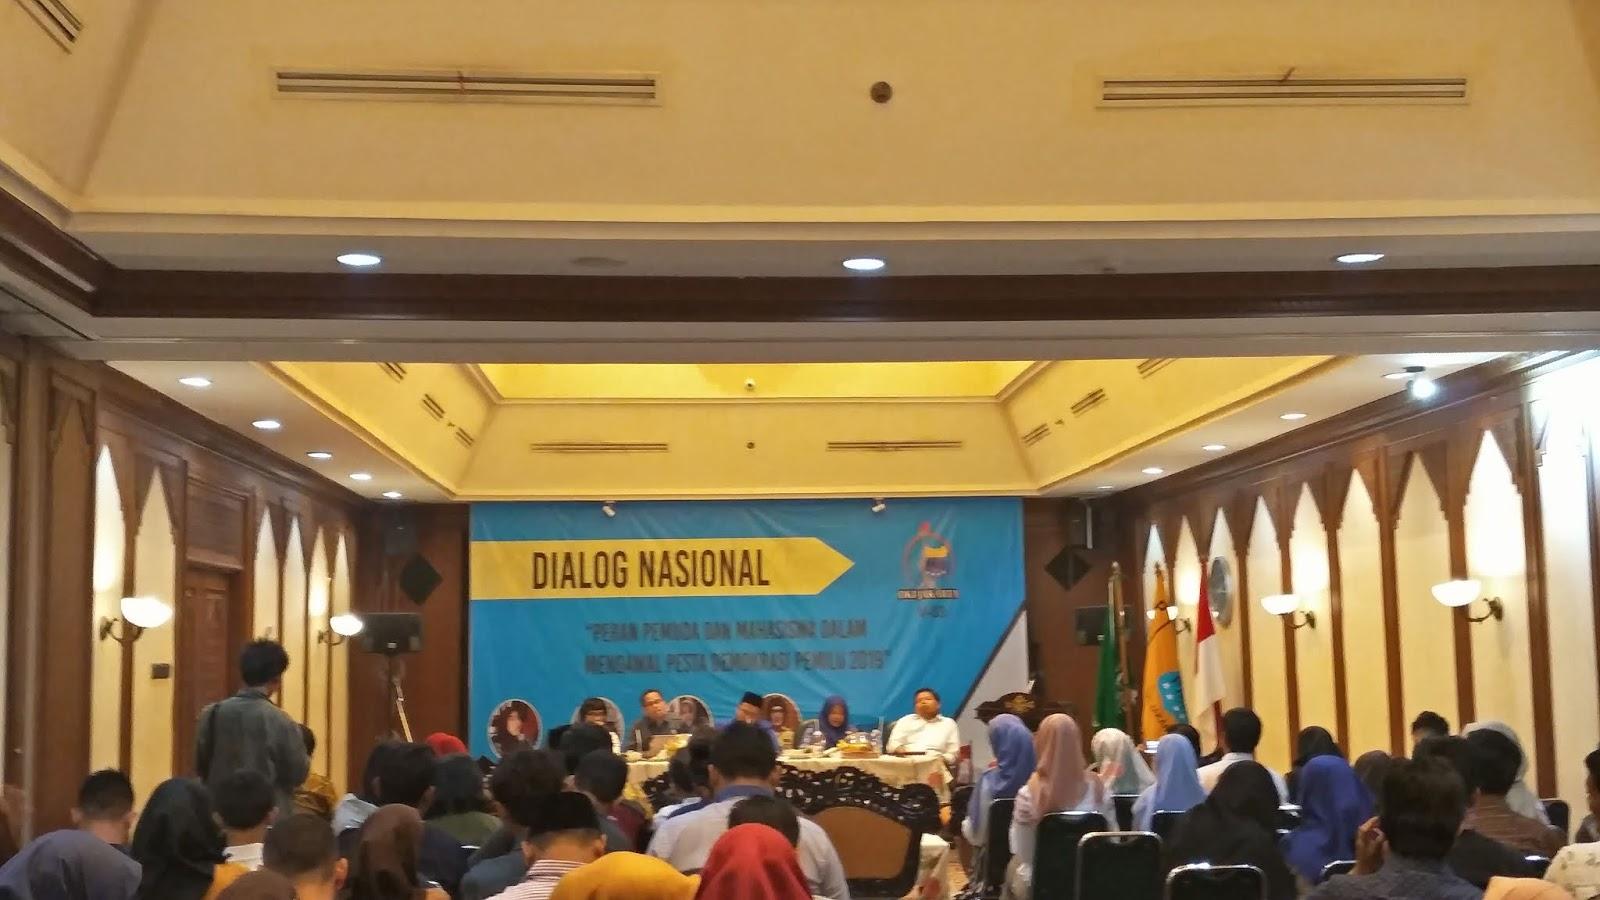 """DIALOG NASIONAL """"Peran Pemuda Dan Mahasiswa Dalam Mengawal Pesta Demokrasi pemilu 2019"""""""